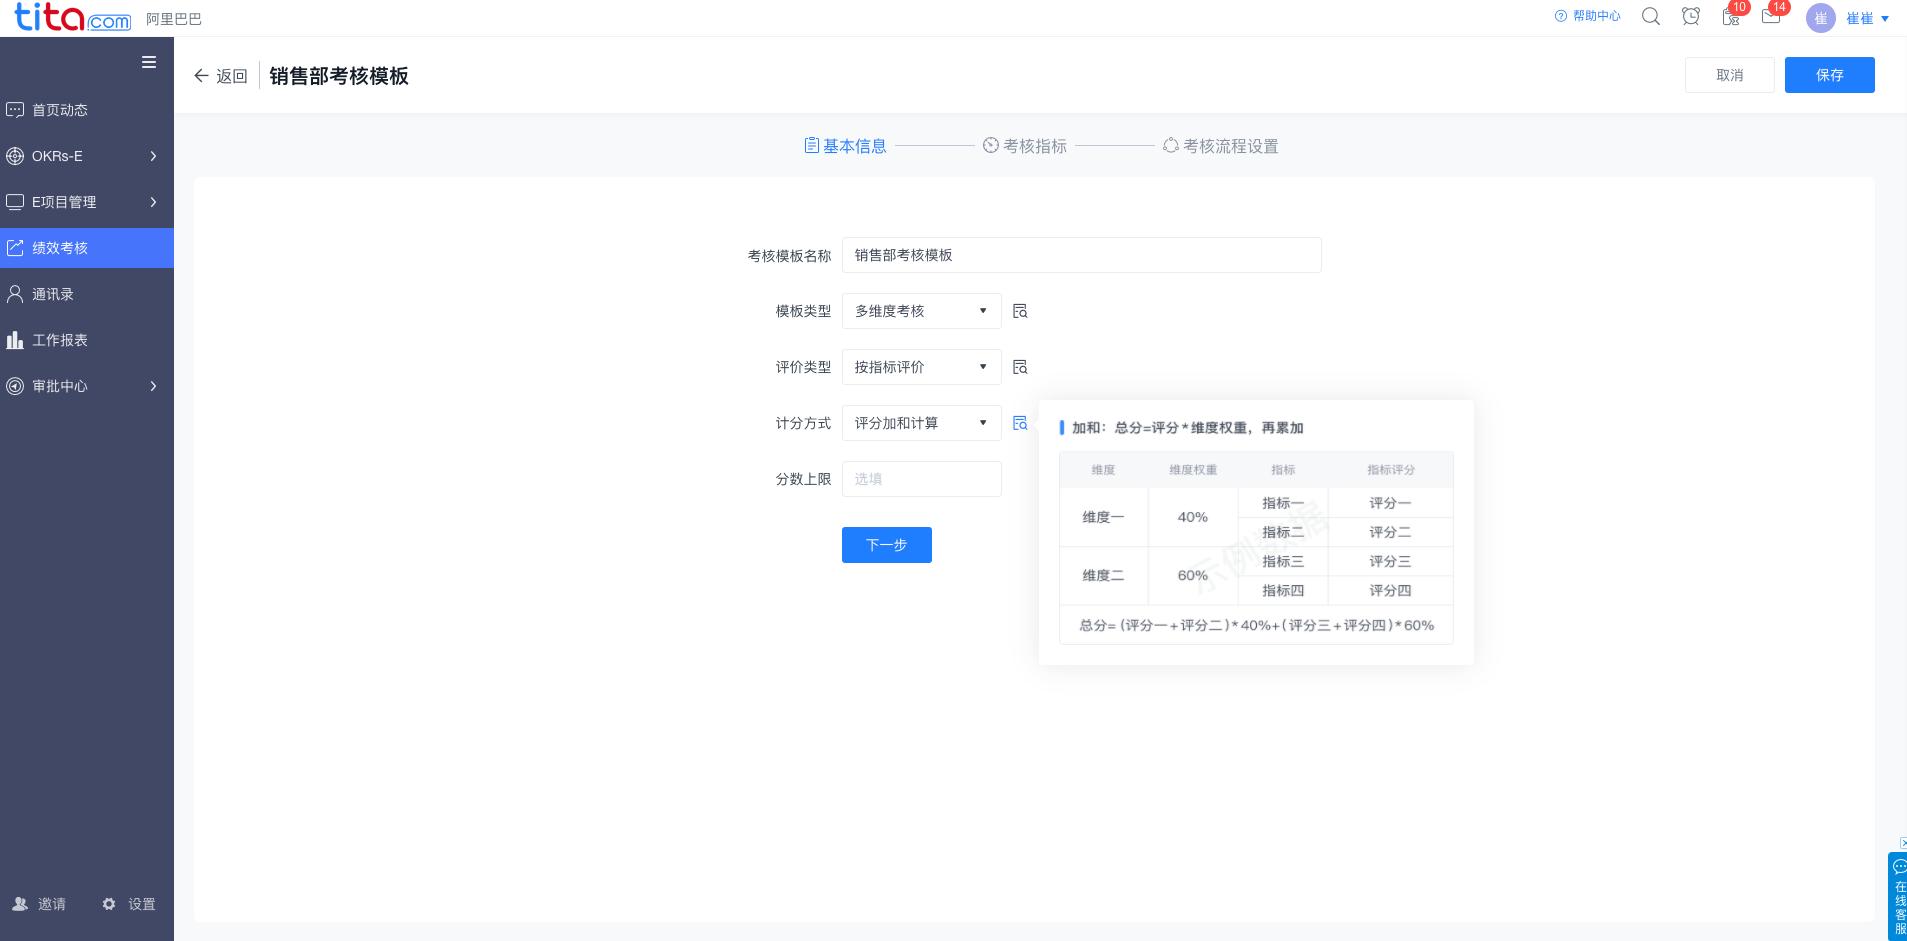 tita.com 升级   考核流程支持自定义配置